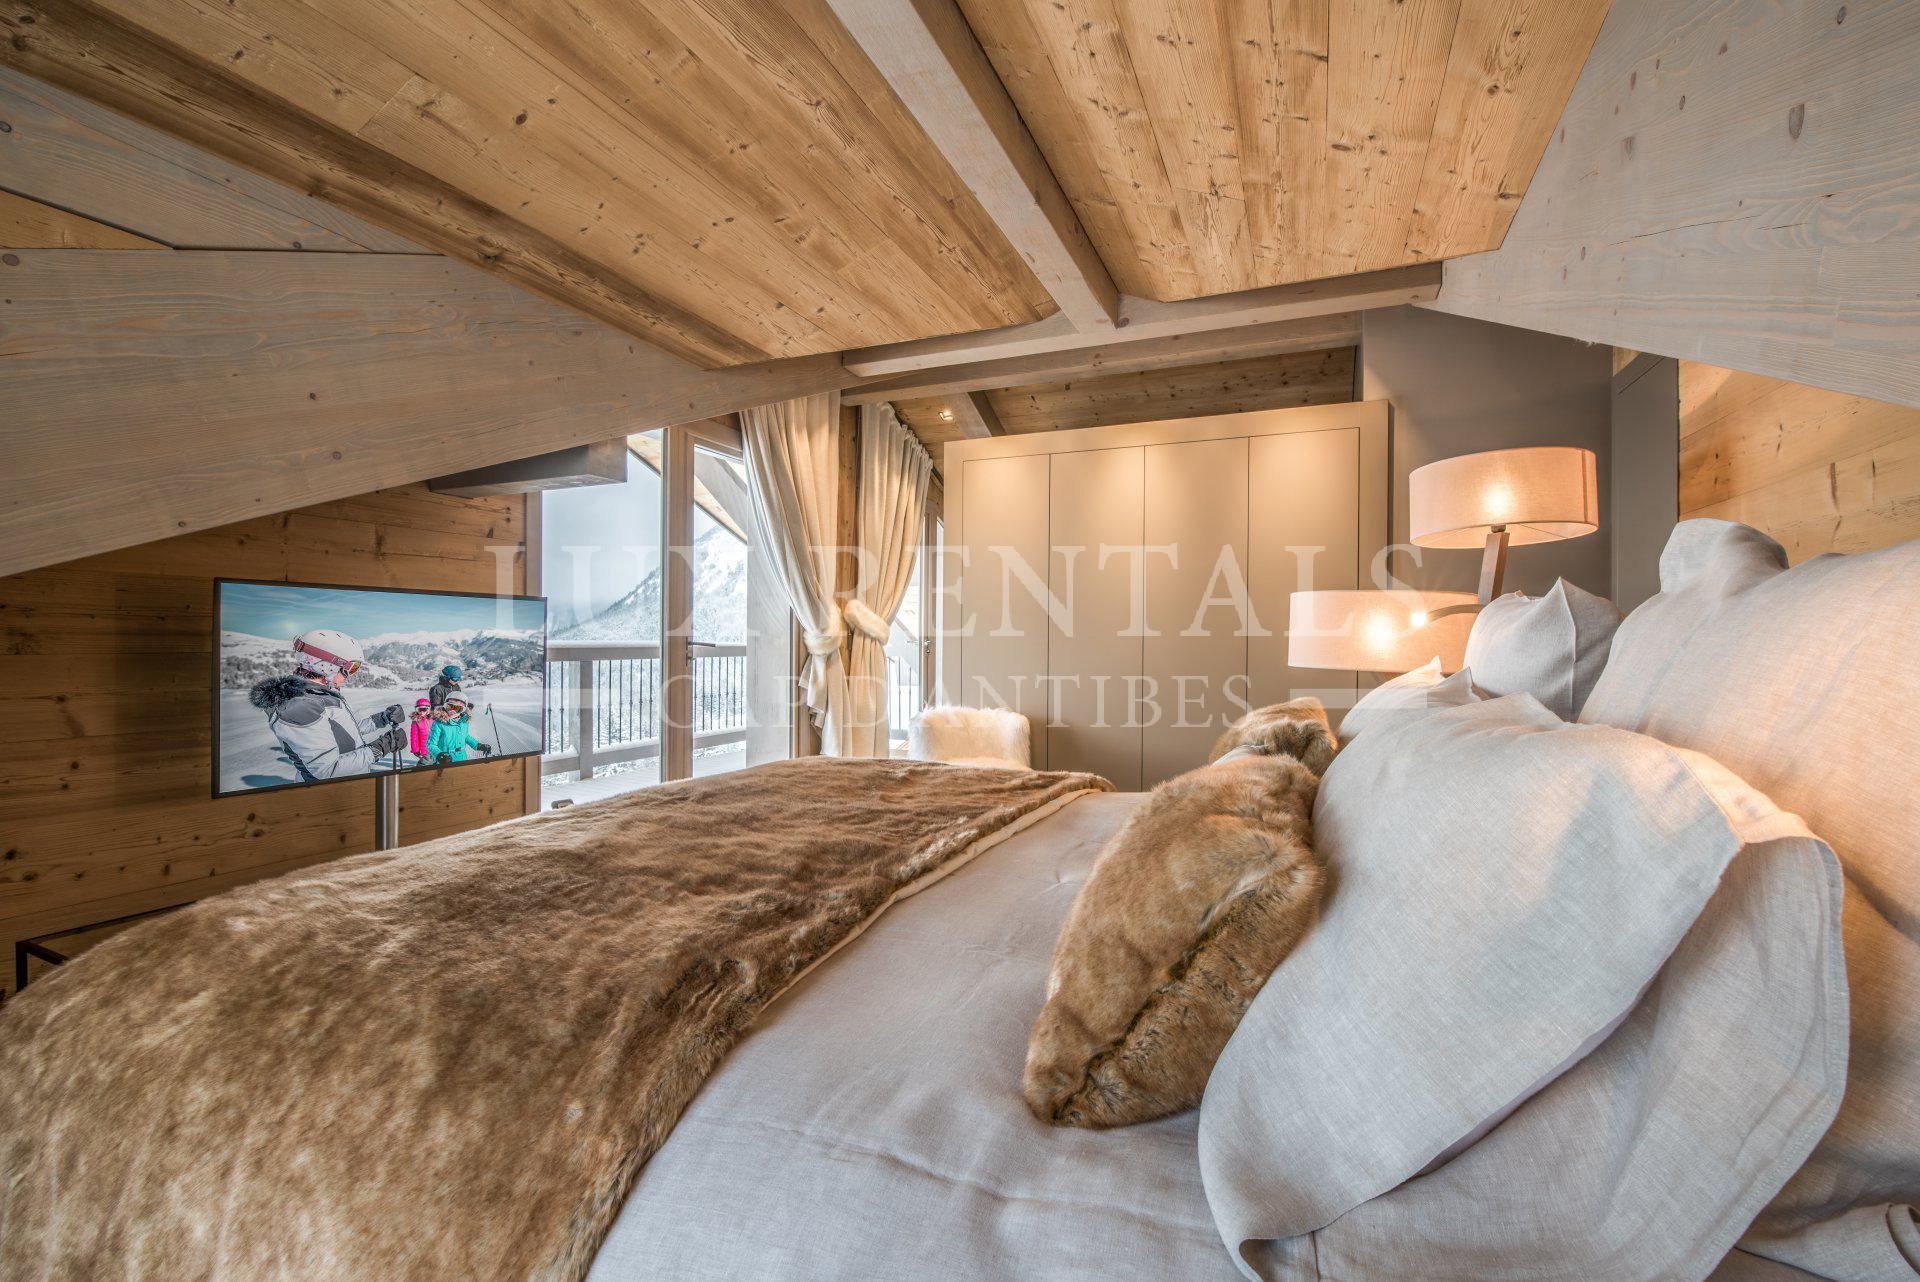 Seasonal rental Chalet - Courchevel Village 1550